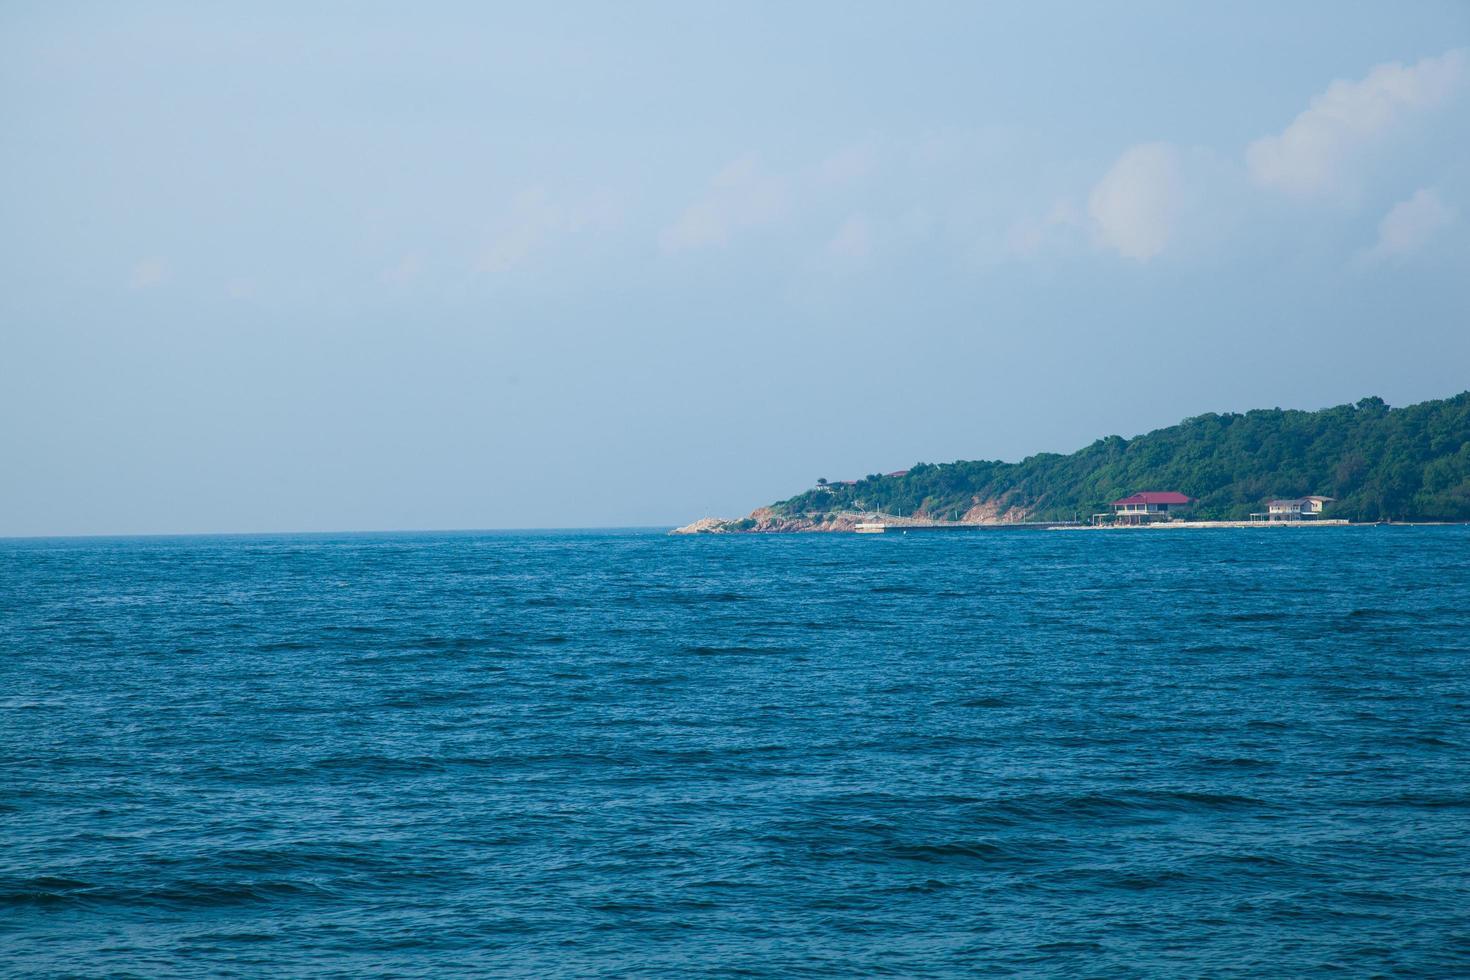 el mar en koh larn, pattaya, tailandia foto